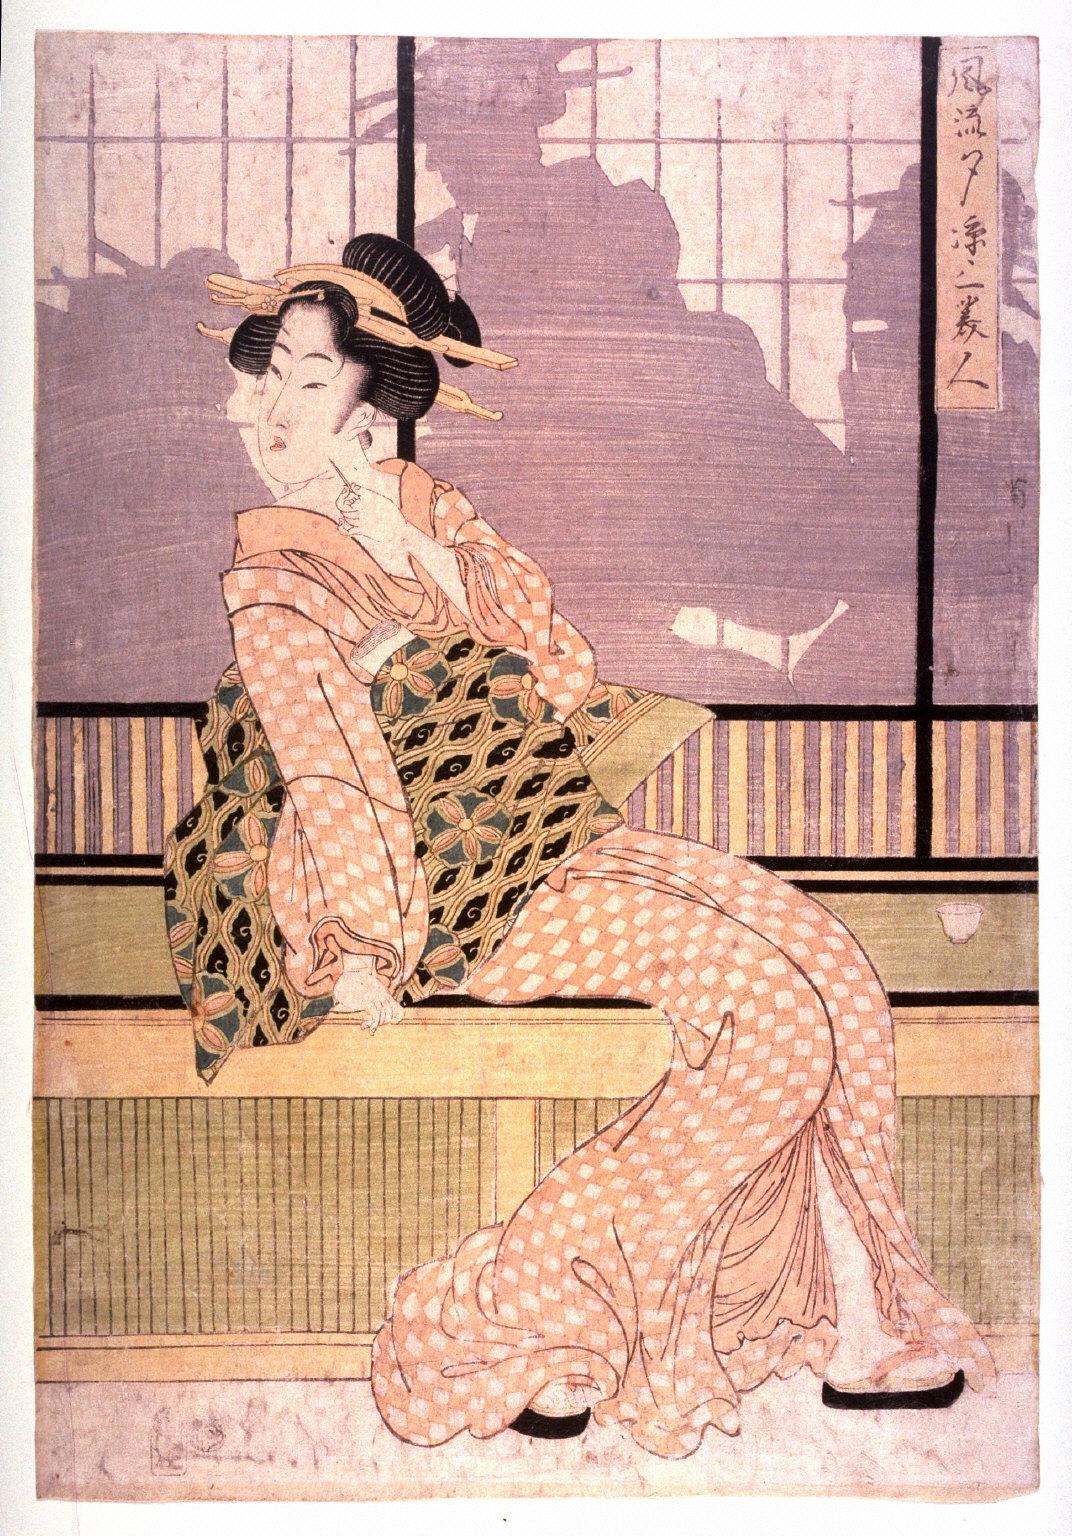 Furyu yusuzumi sanbijin (Three elegant women enjoying the evening cool)